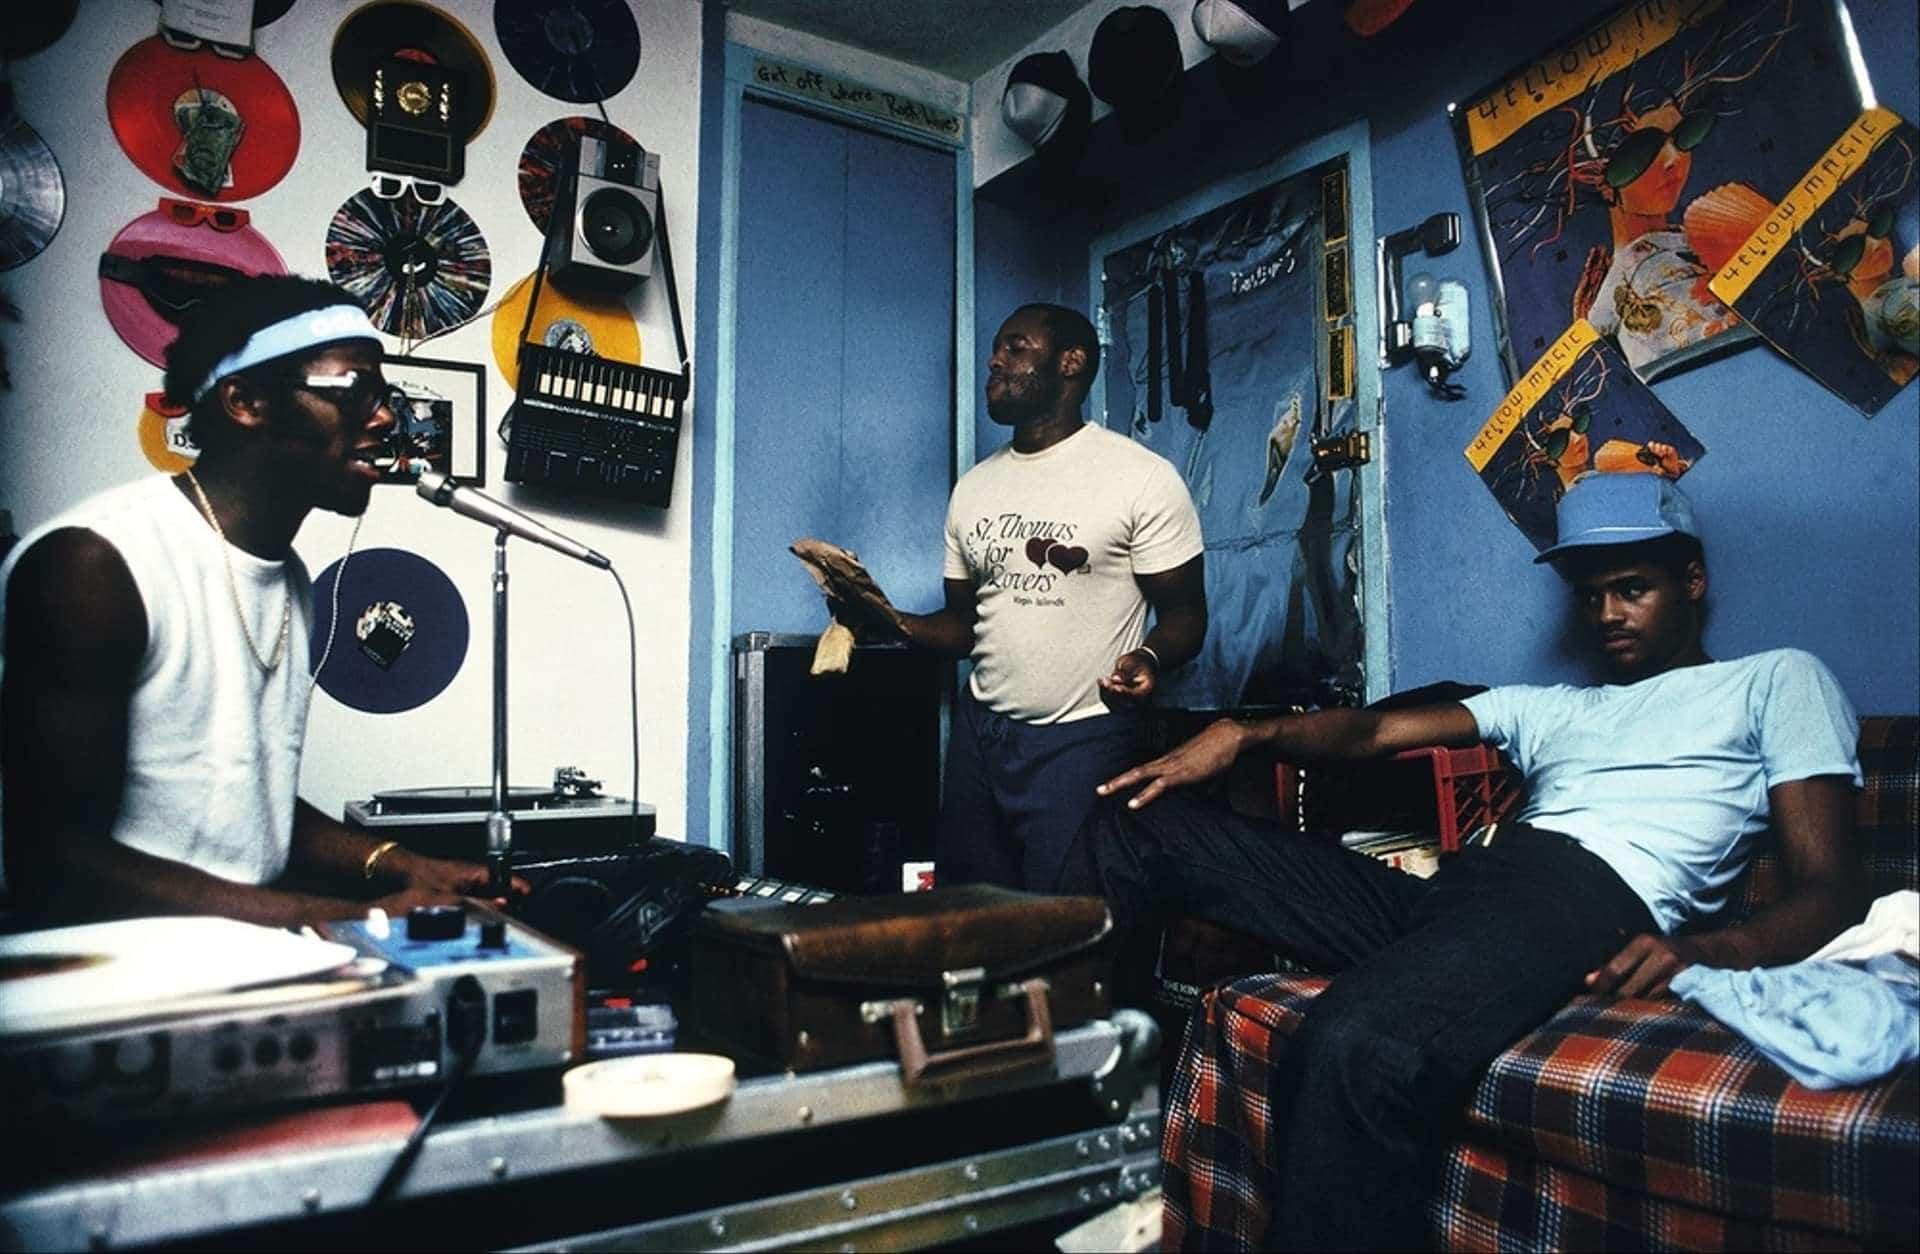 DJ D.St dans sa chambre avec les autres membres de son groupe. Crédit photo : Sophie Bramly